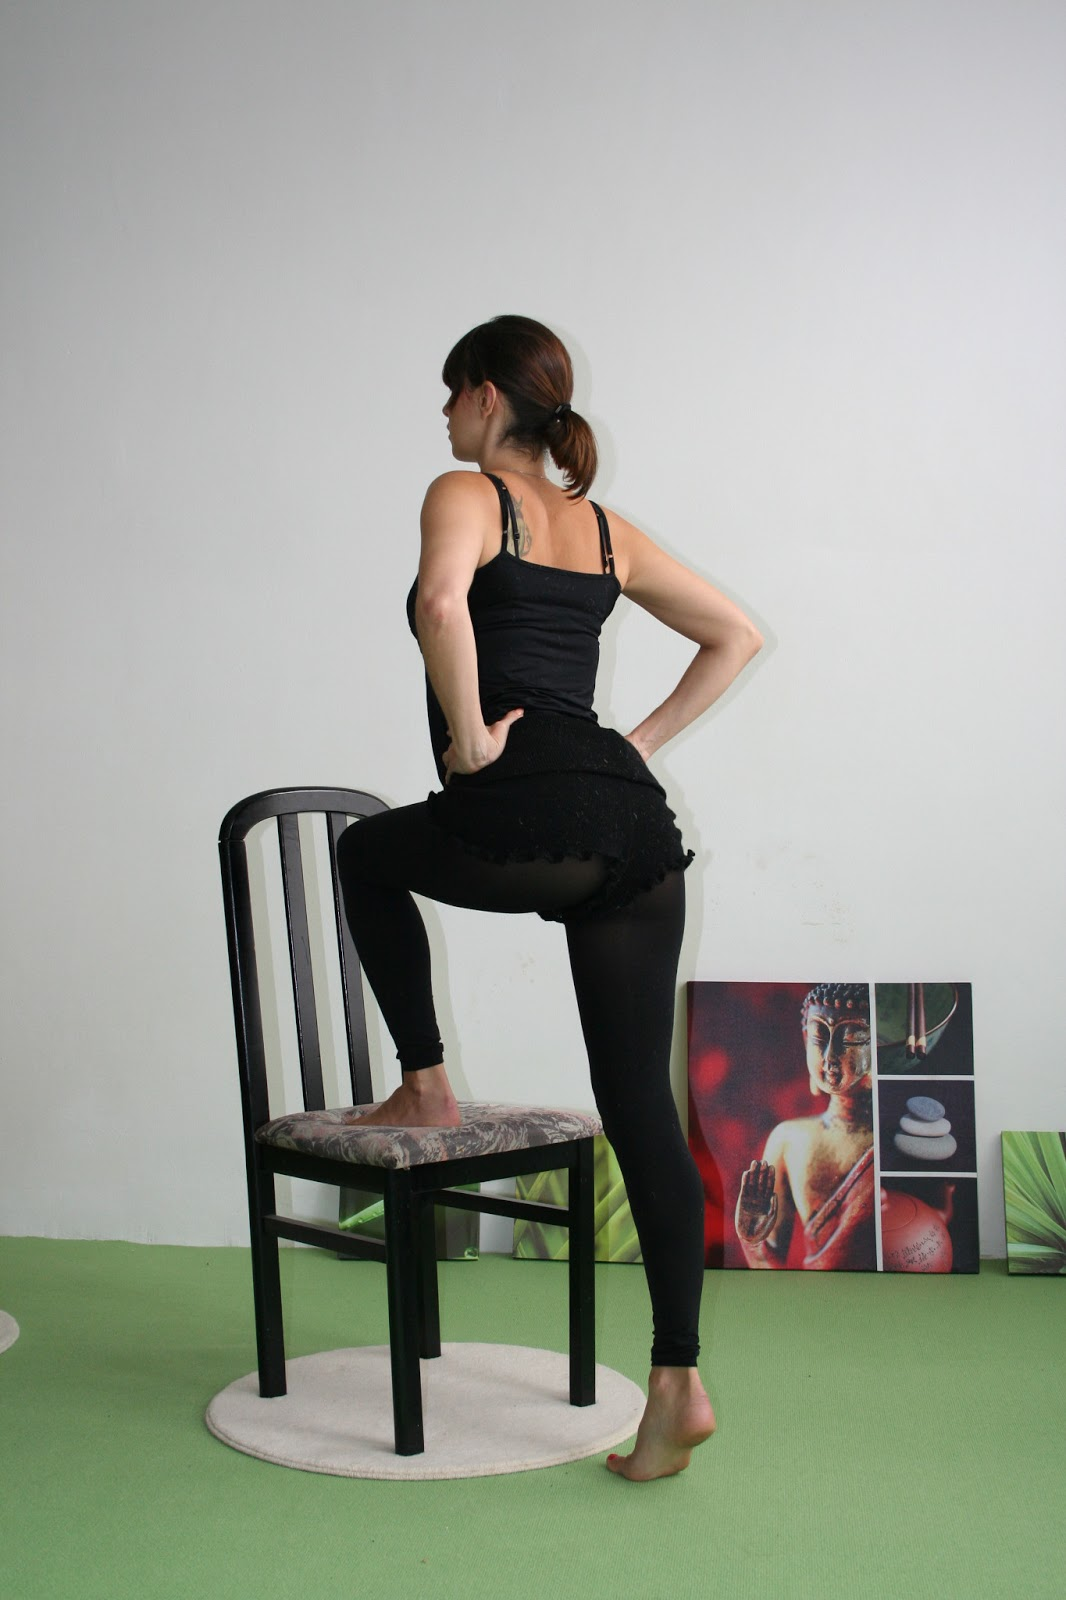 ma petite niche exercices de gym la maison 4 la chaise. Black Bedroom Furniture Sets. Home Design Ideas